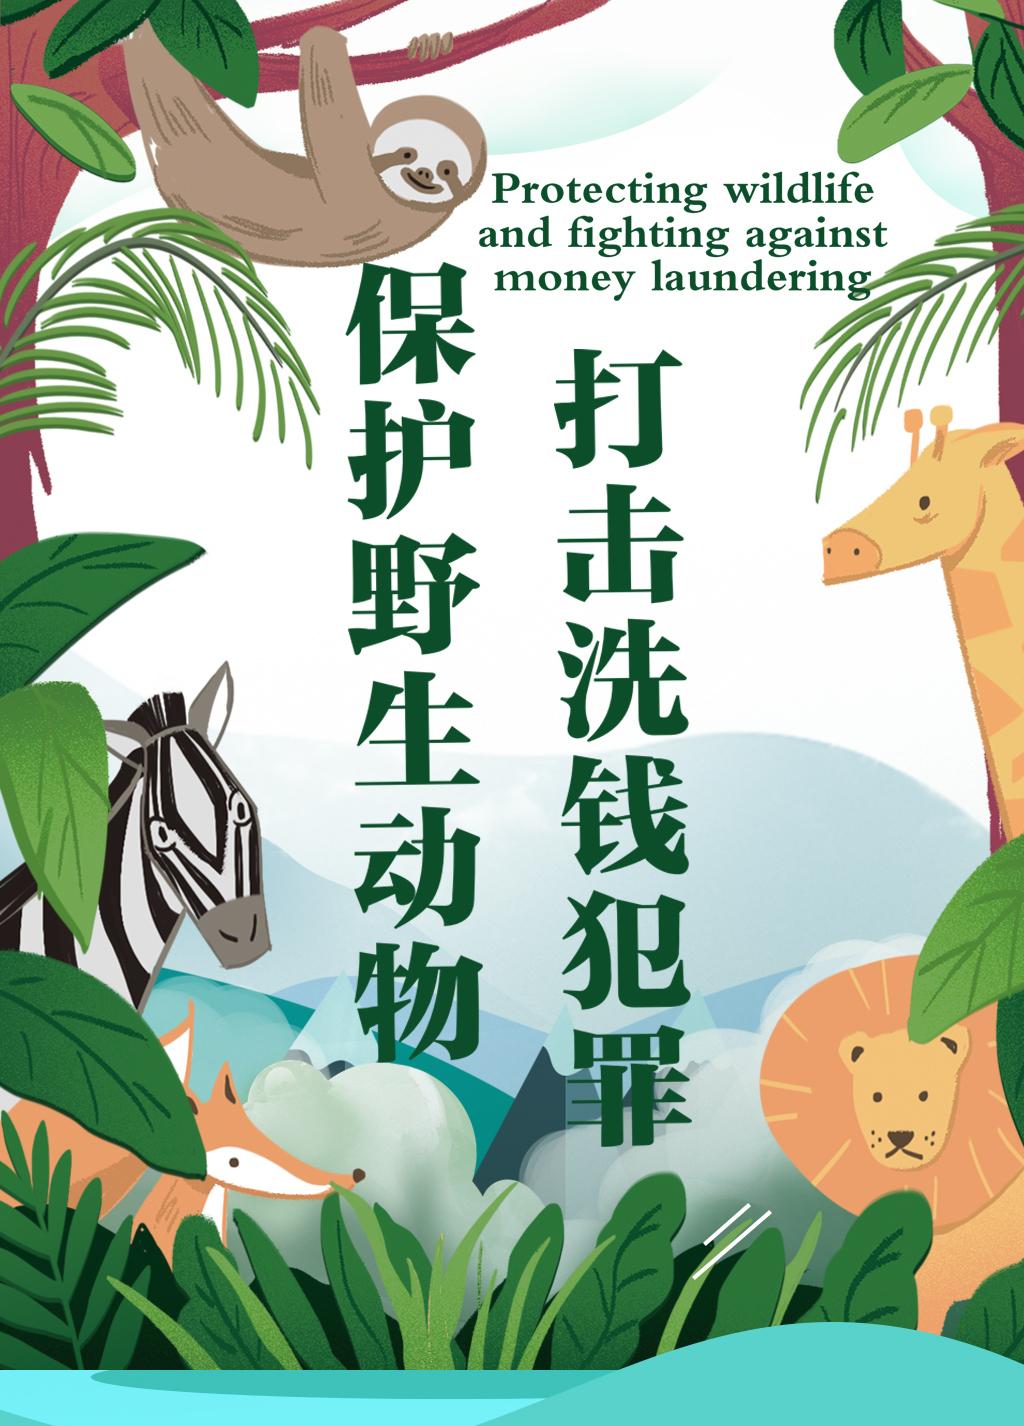 反洗钱小课堂:保护野生动物,打击洗钱犯罪